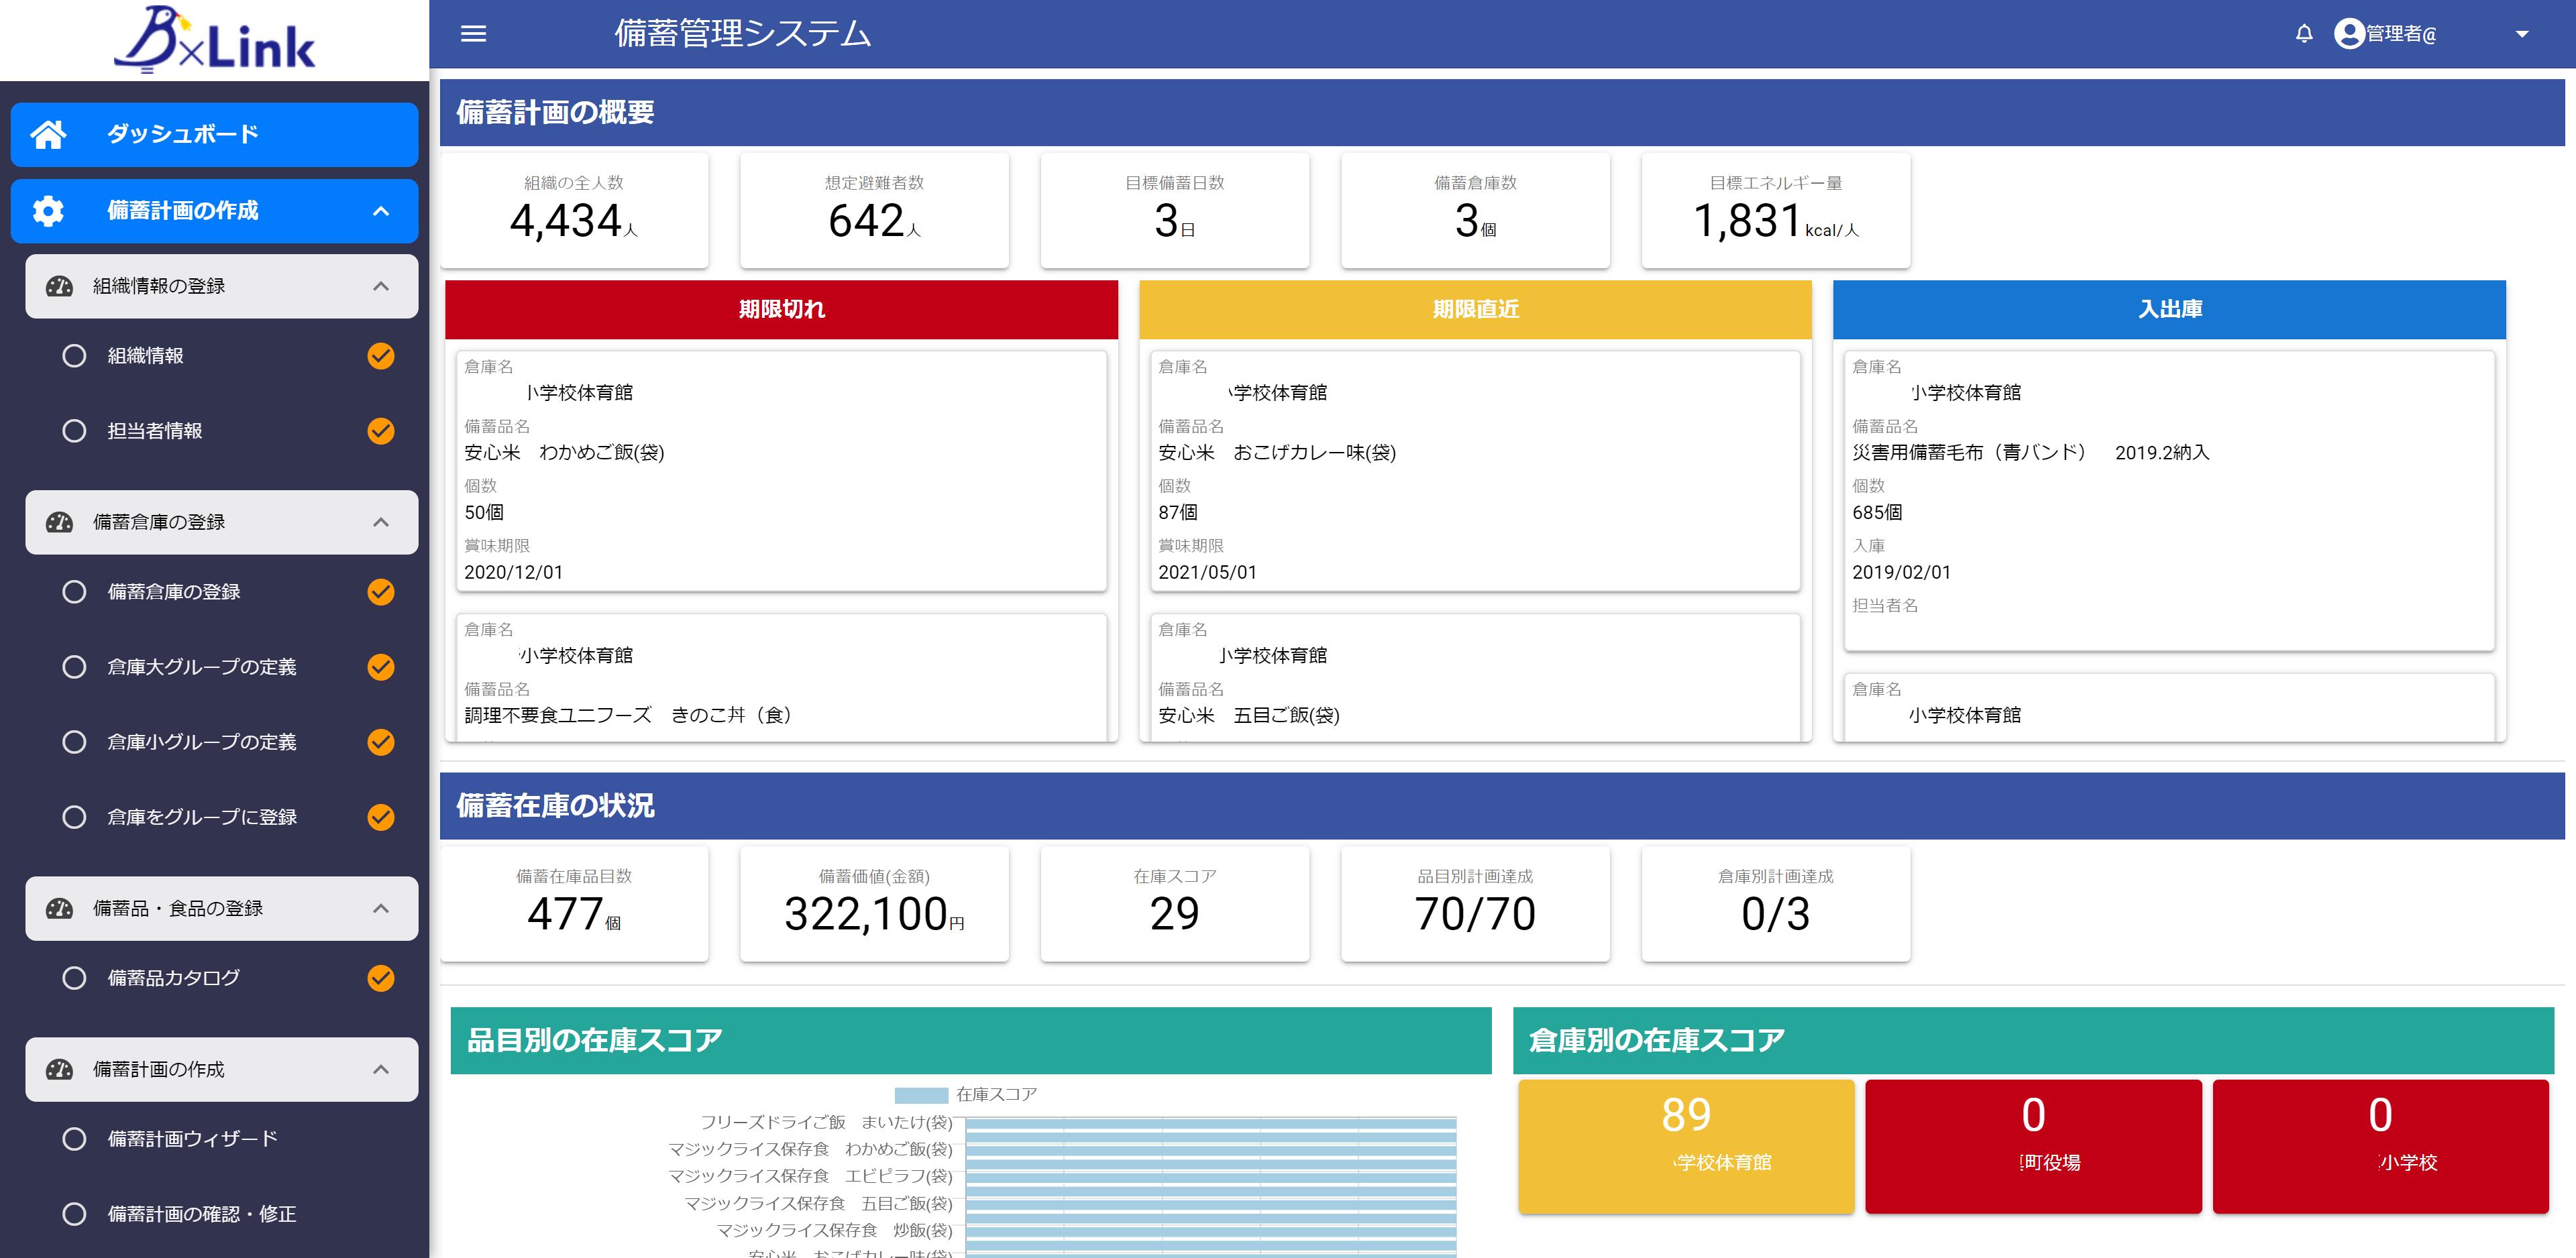 bxlink_dashboard.png